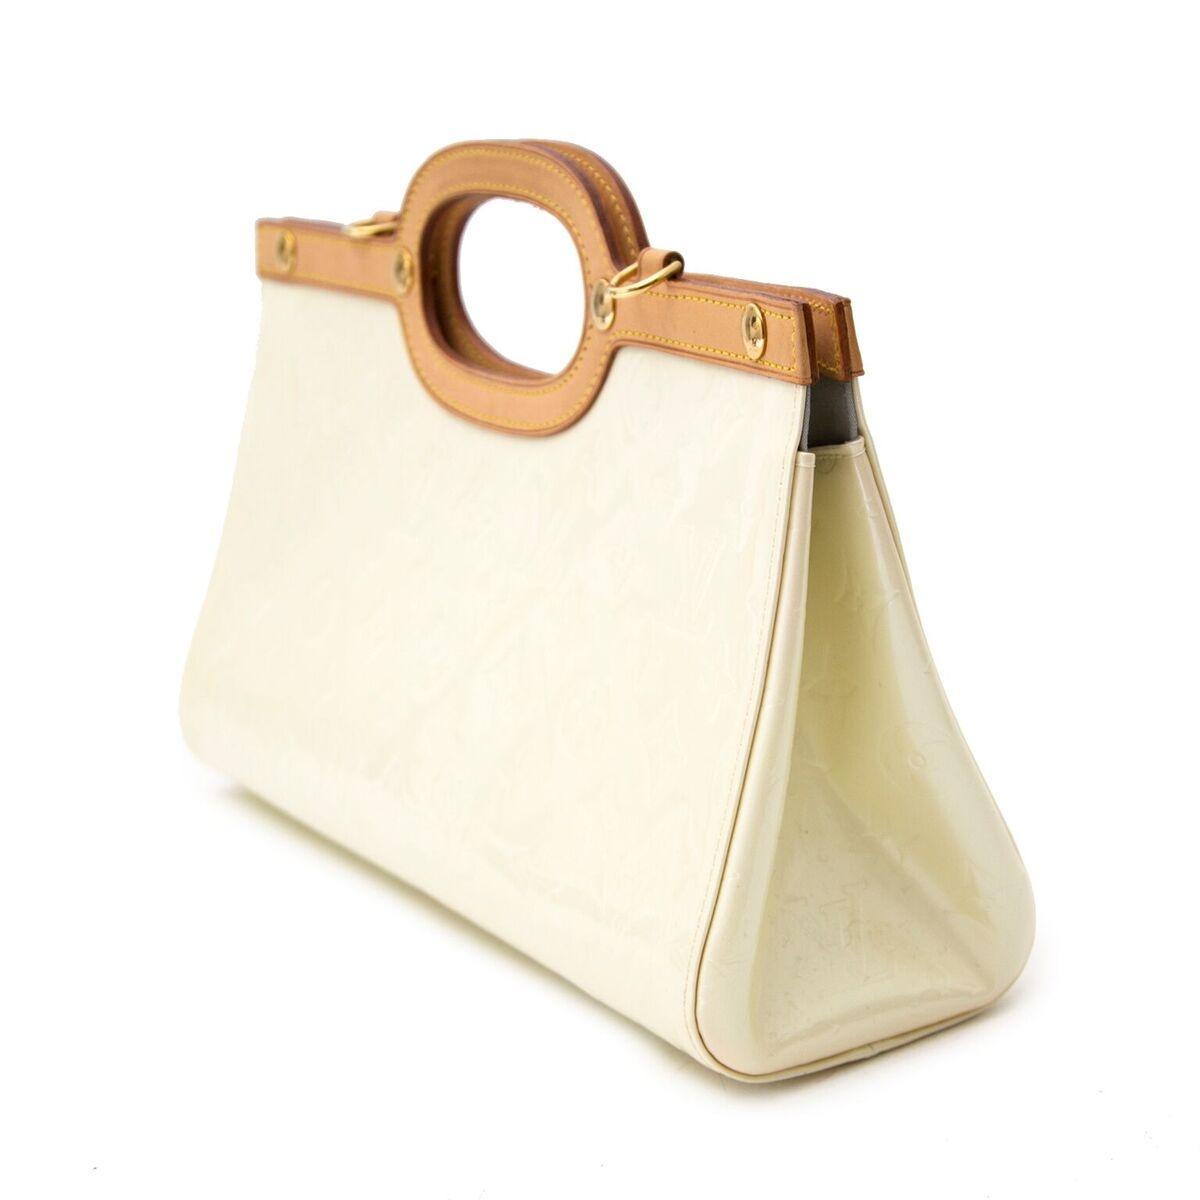 Koop authentieke tweedehands Louis Vuitton Creme Roxbury Drive Bag handtas aan een eerlijke prijs bij LabelLOV. Veilig online shoppen.